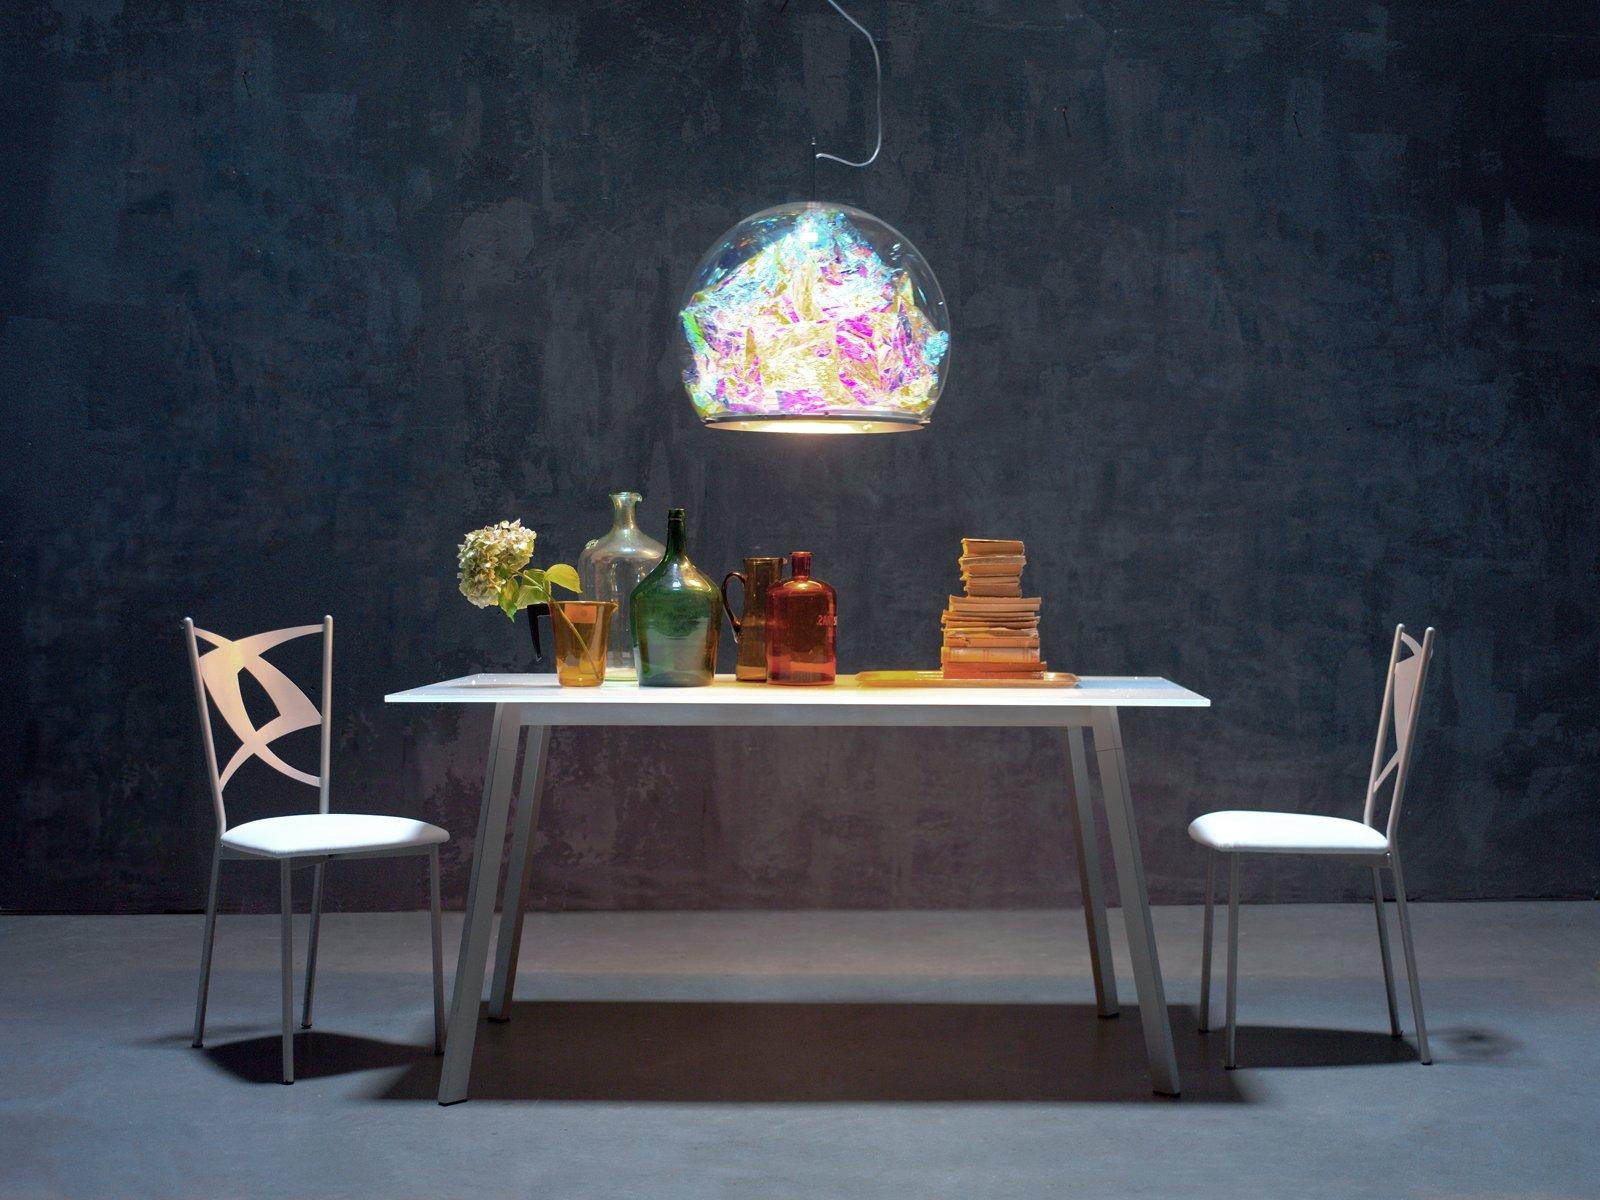 Come abbinare il tavolo e sedie in soggiorno for Tavolo cucina e sedie